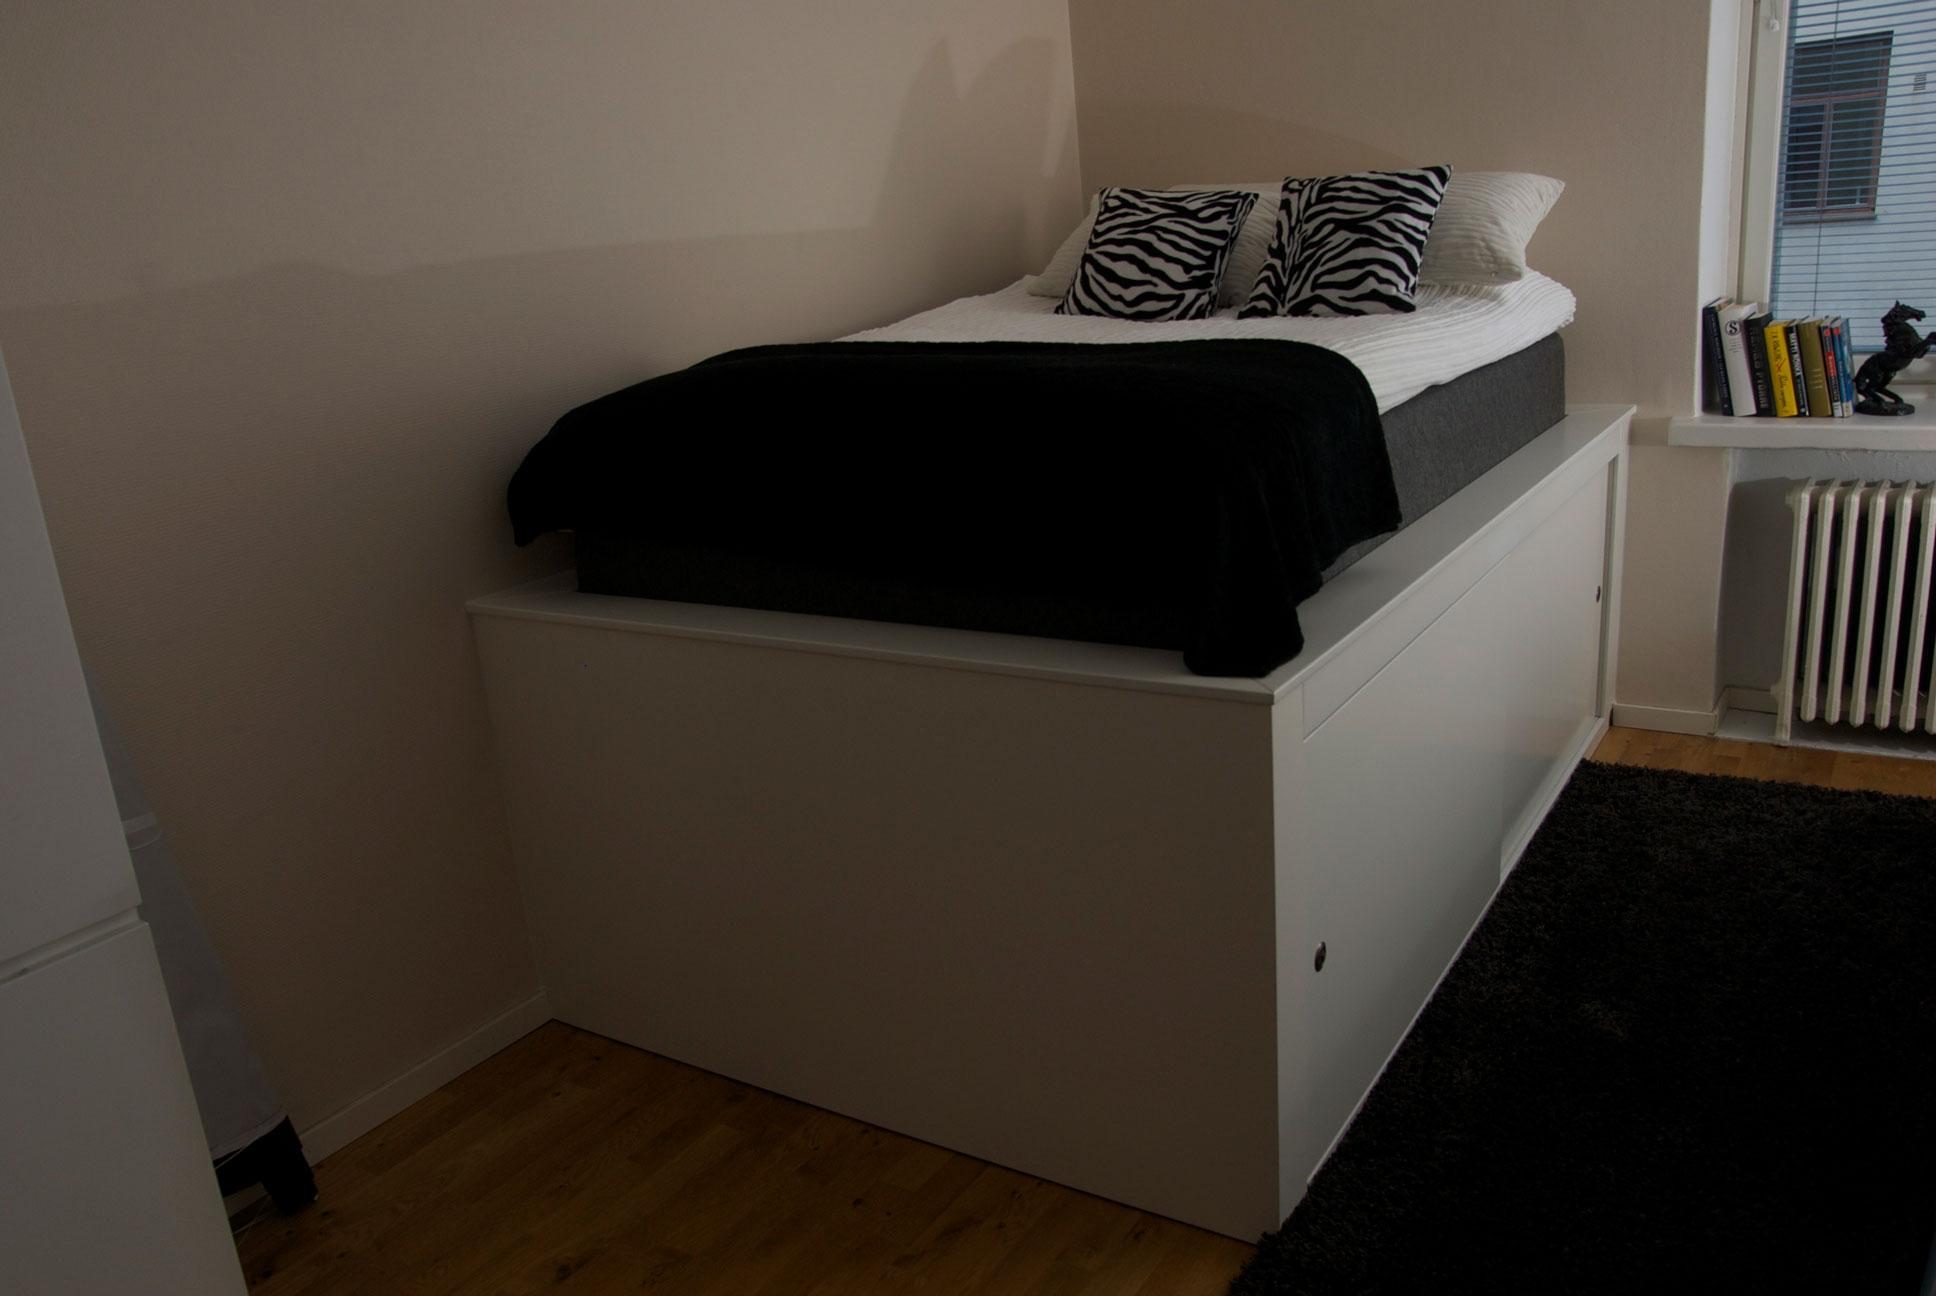 Sängyssä on kätevä tila liukuovien takana